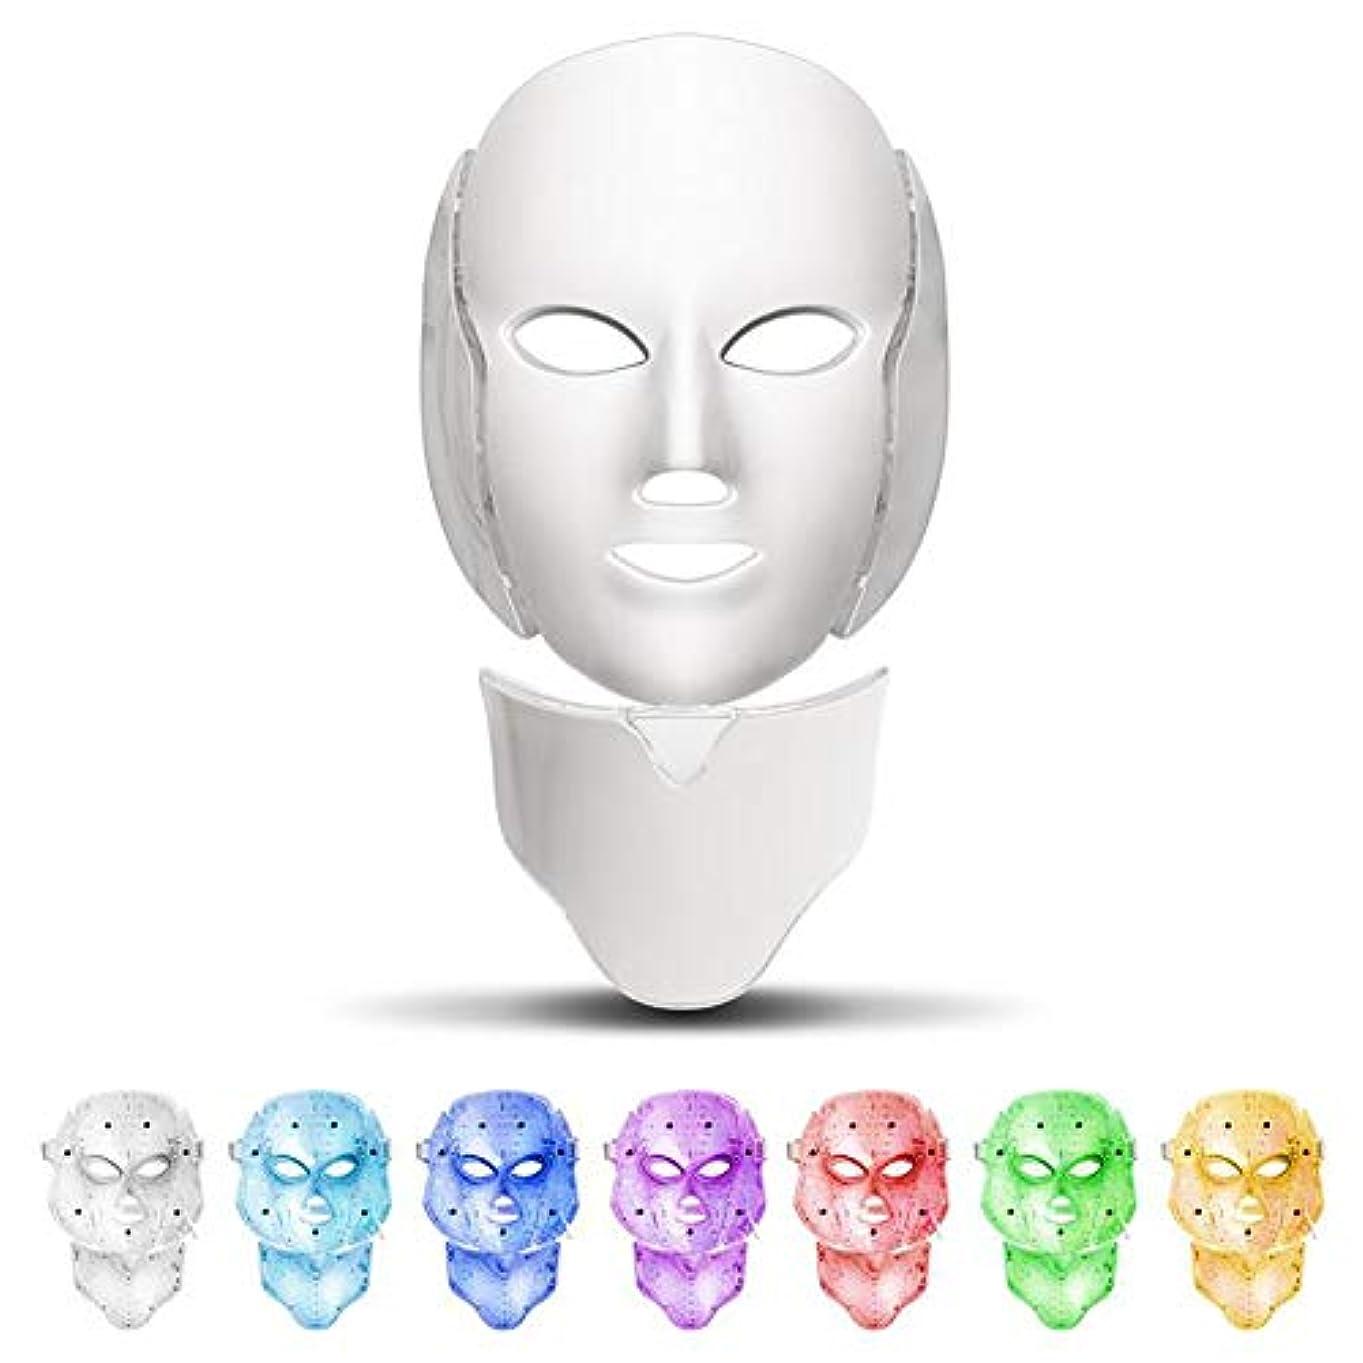 疑問を超えてグレード主婦7色フェイシャルマスク、顔と首ネオン輝くLEDフェイスマスク電気顔スキンケア顔肌美容